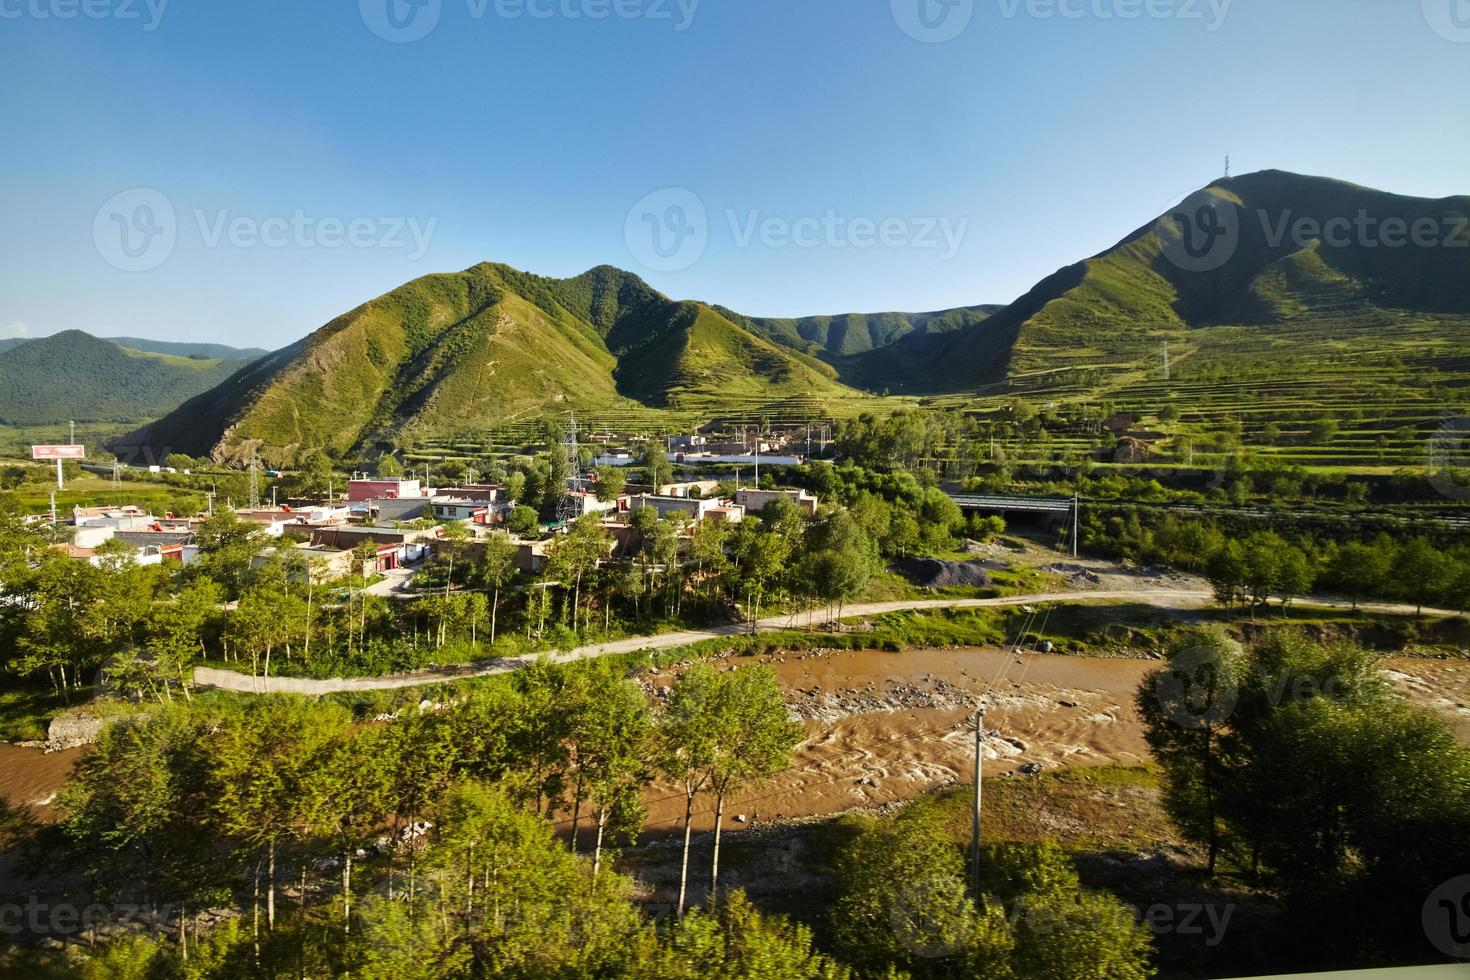 China outskirt view photo